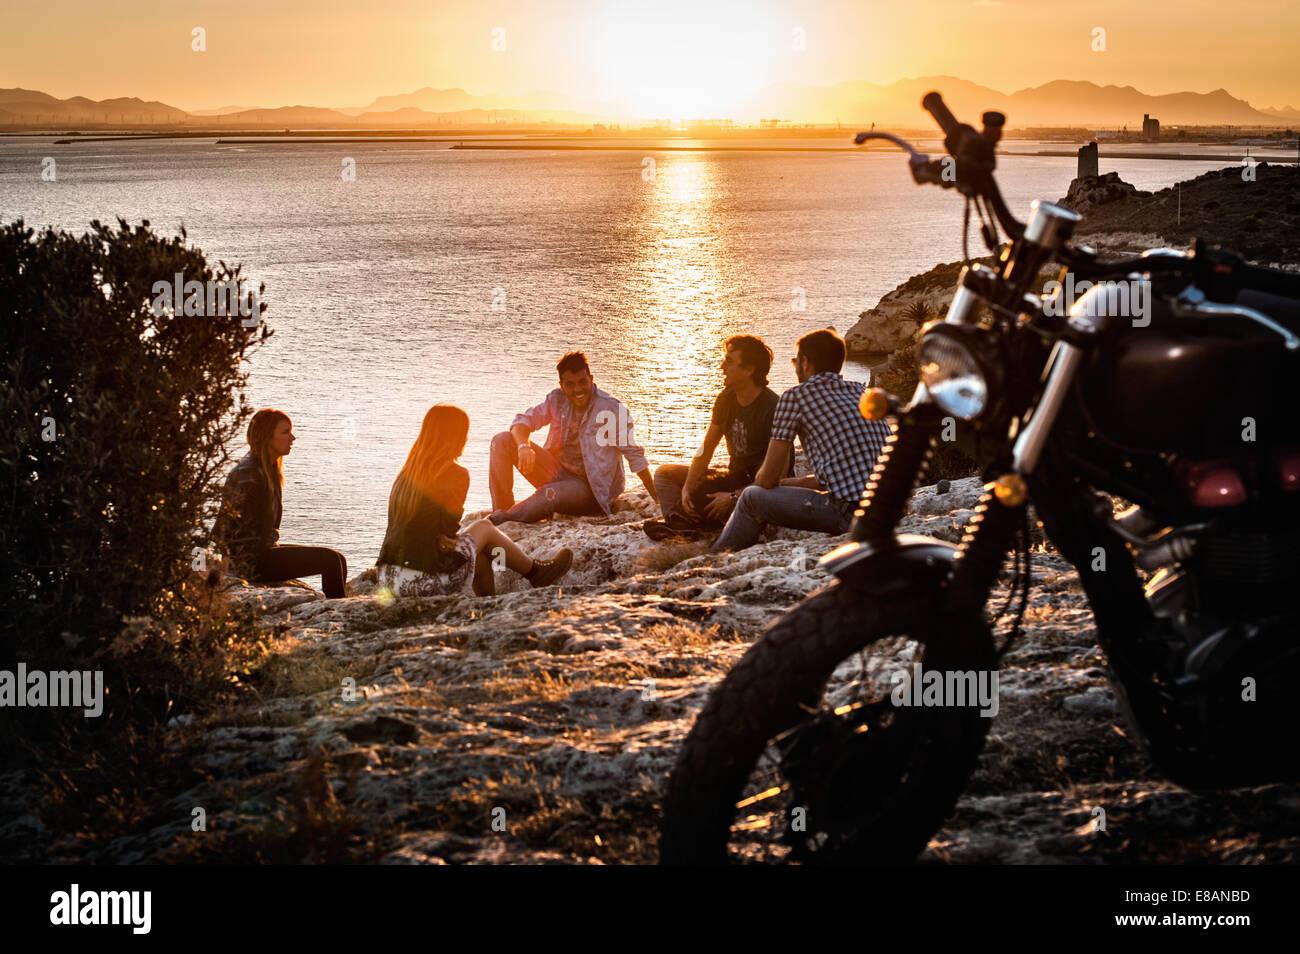 Cinq amis de la moto en faisant une pause sur la côte au coucher du soleil, Cagliari, Sardaigne, Italie Photo Stock